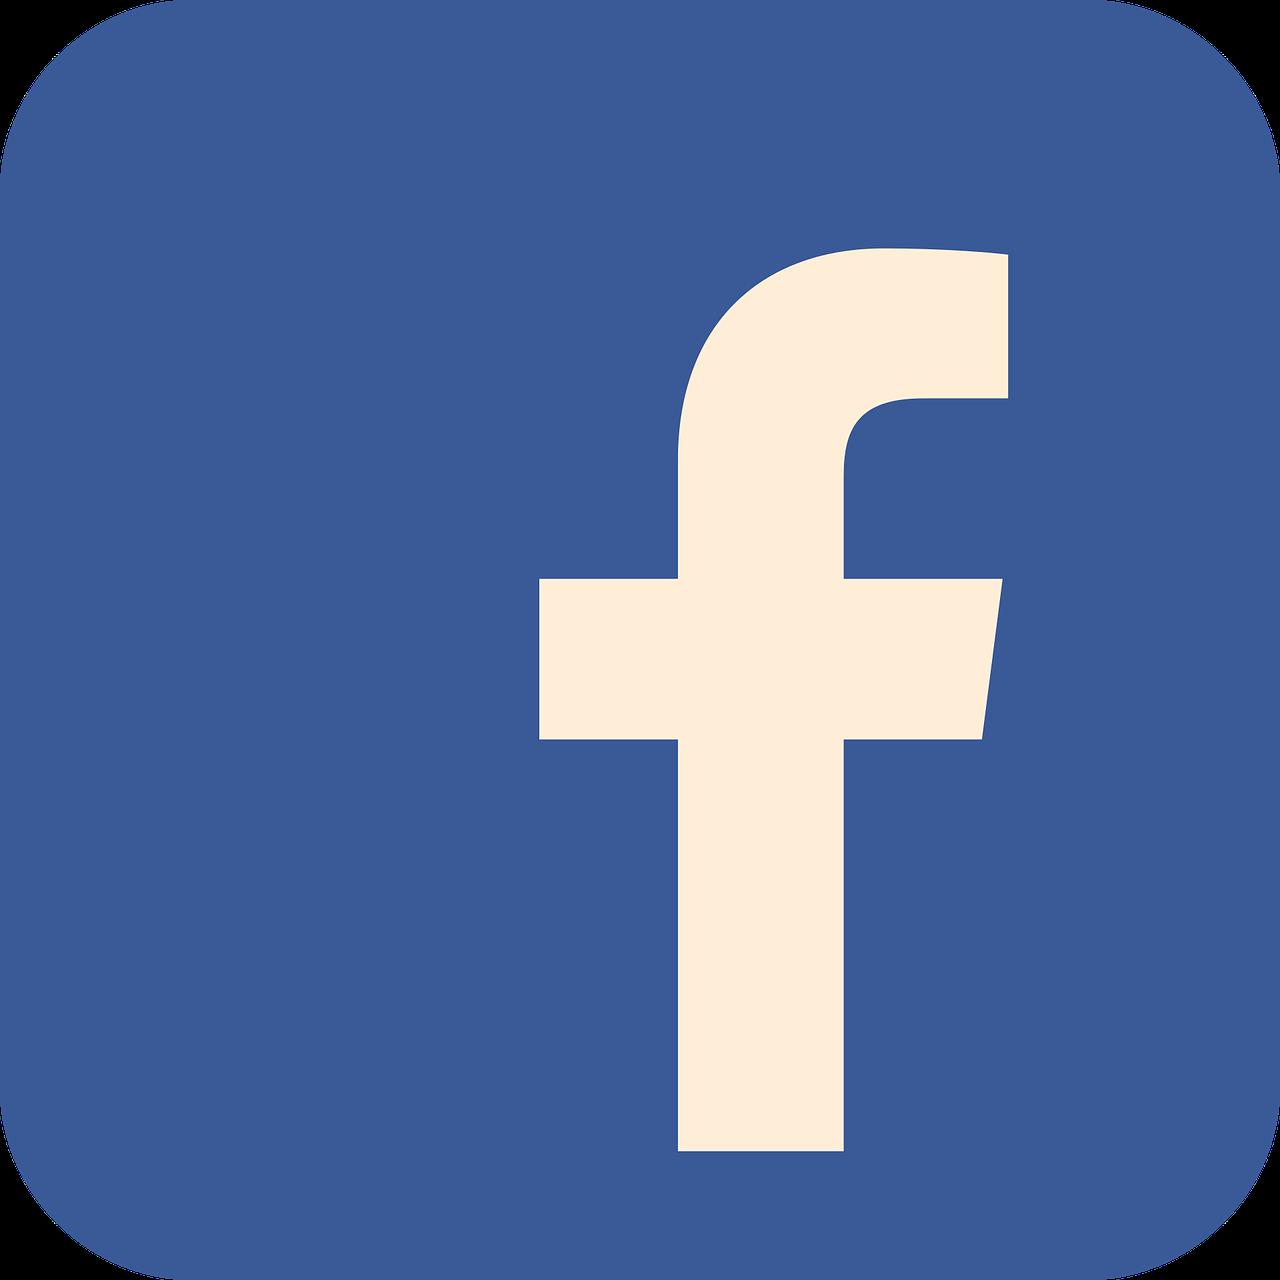 停止されたFacebook広告アカウントを復活させる方法